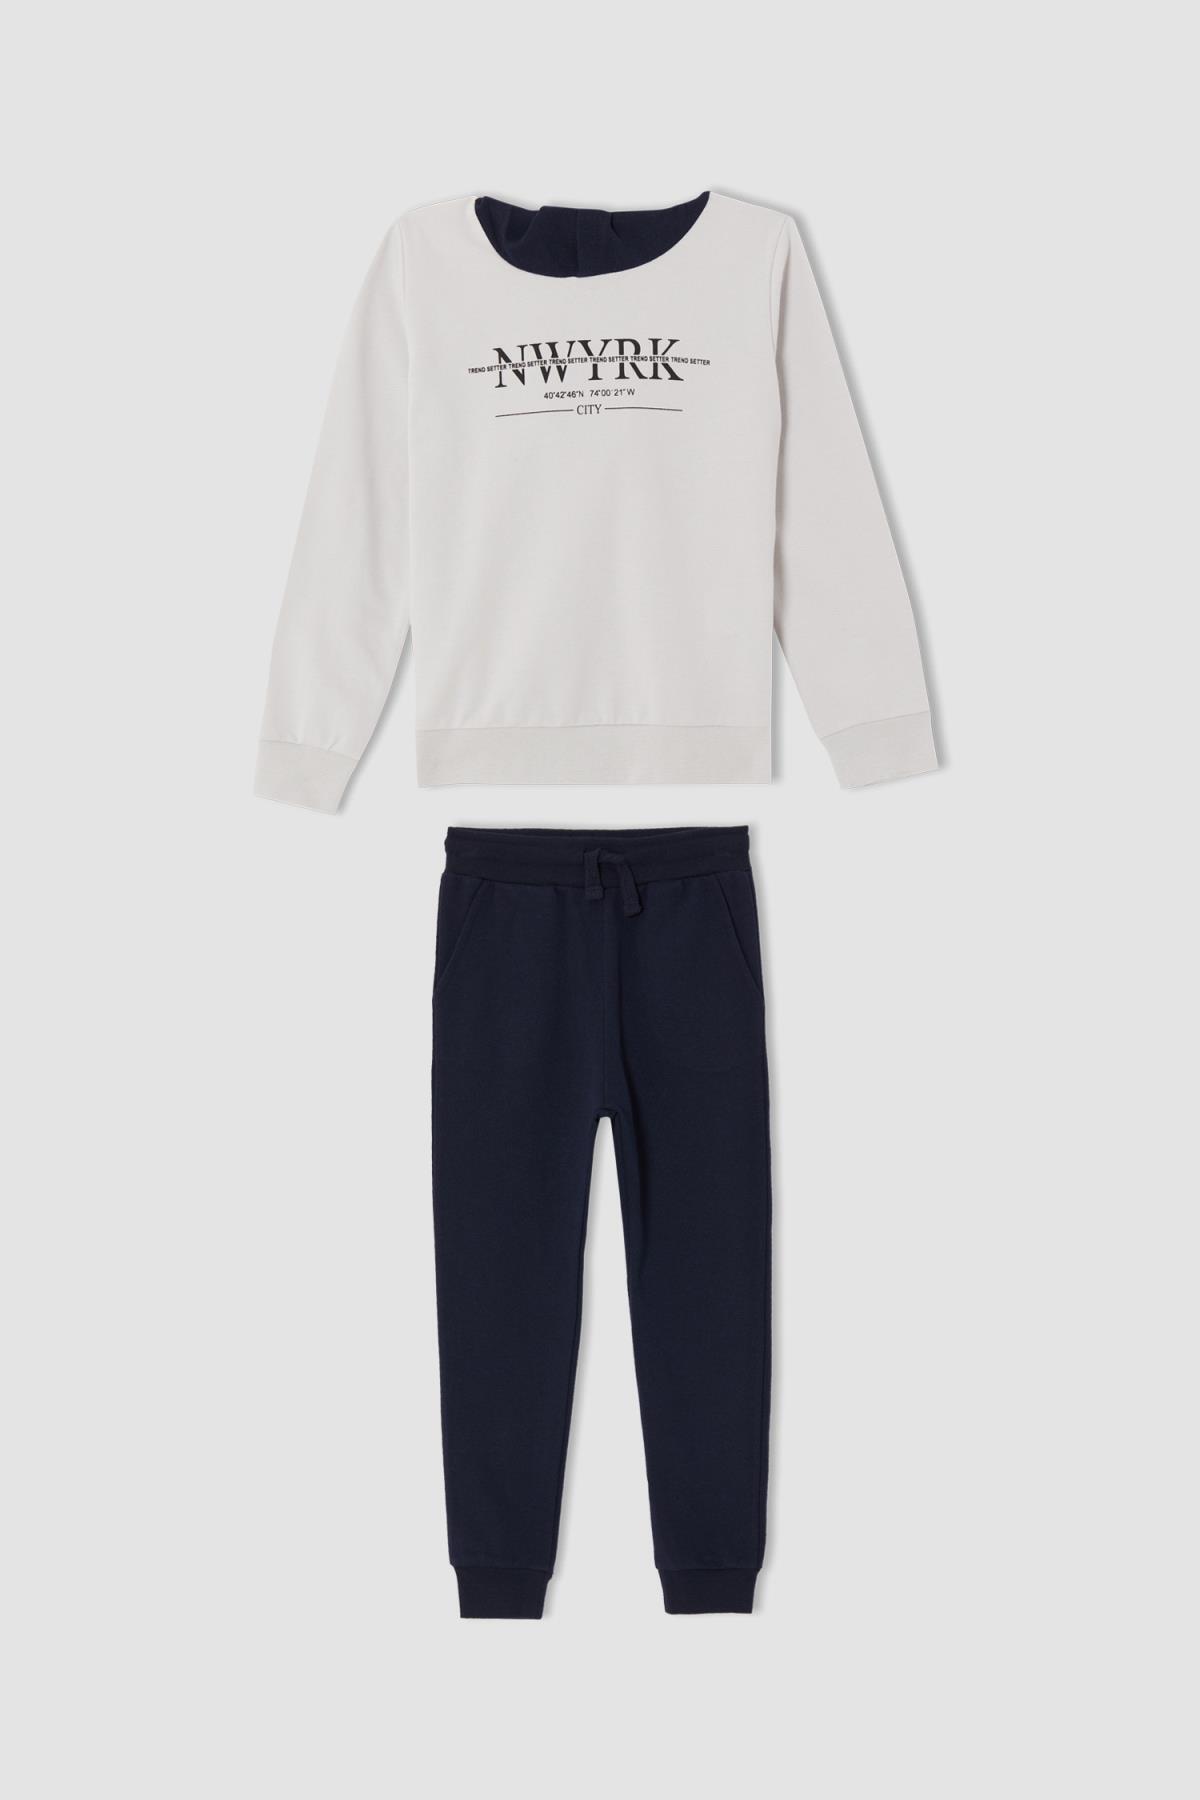 DeFacto Erkek Çocuk Regular Fit Slogan Baskılı Kapüşonlu Sweatshirt Ve Jogger Eşofman Altı Takımı